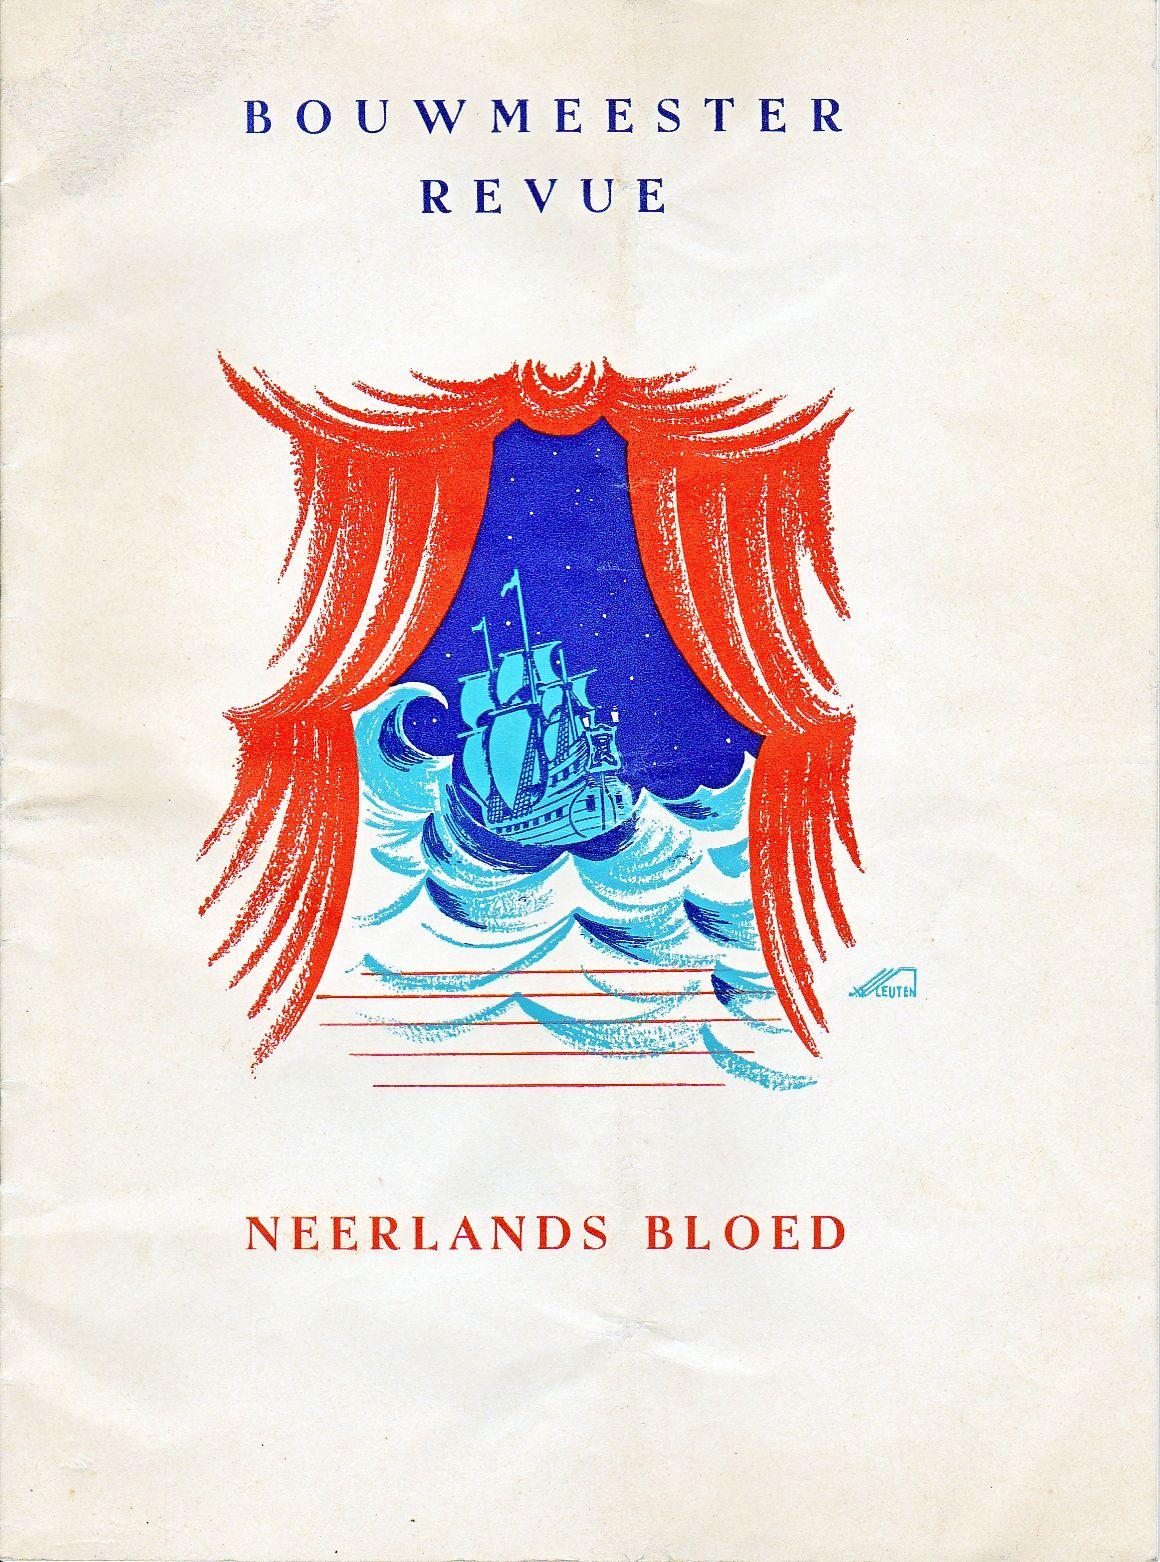 1938 - Programmaboekje Bouwmeesterrevue - Neerlands Bloed - illustrator Van Vleuten